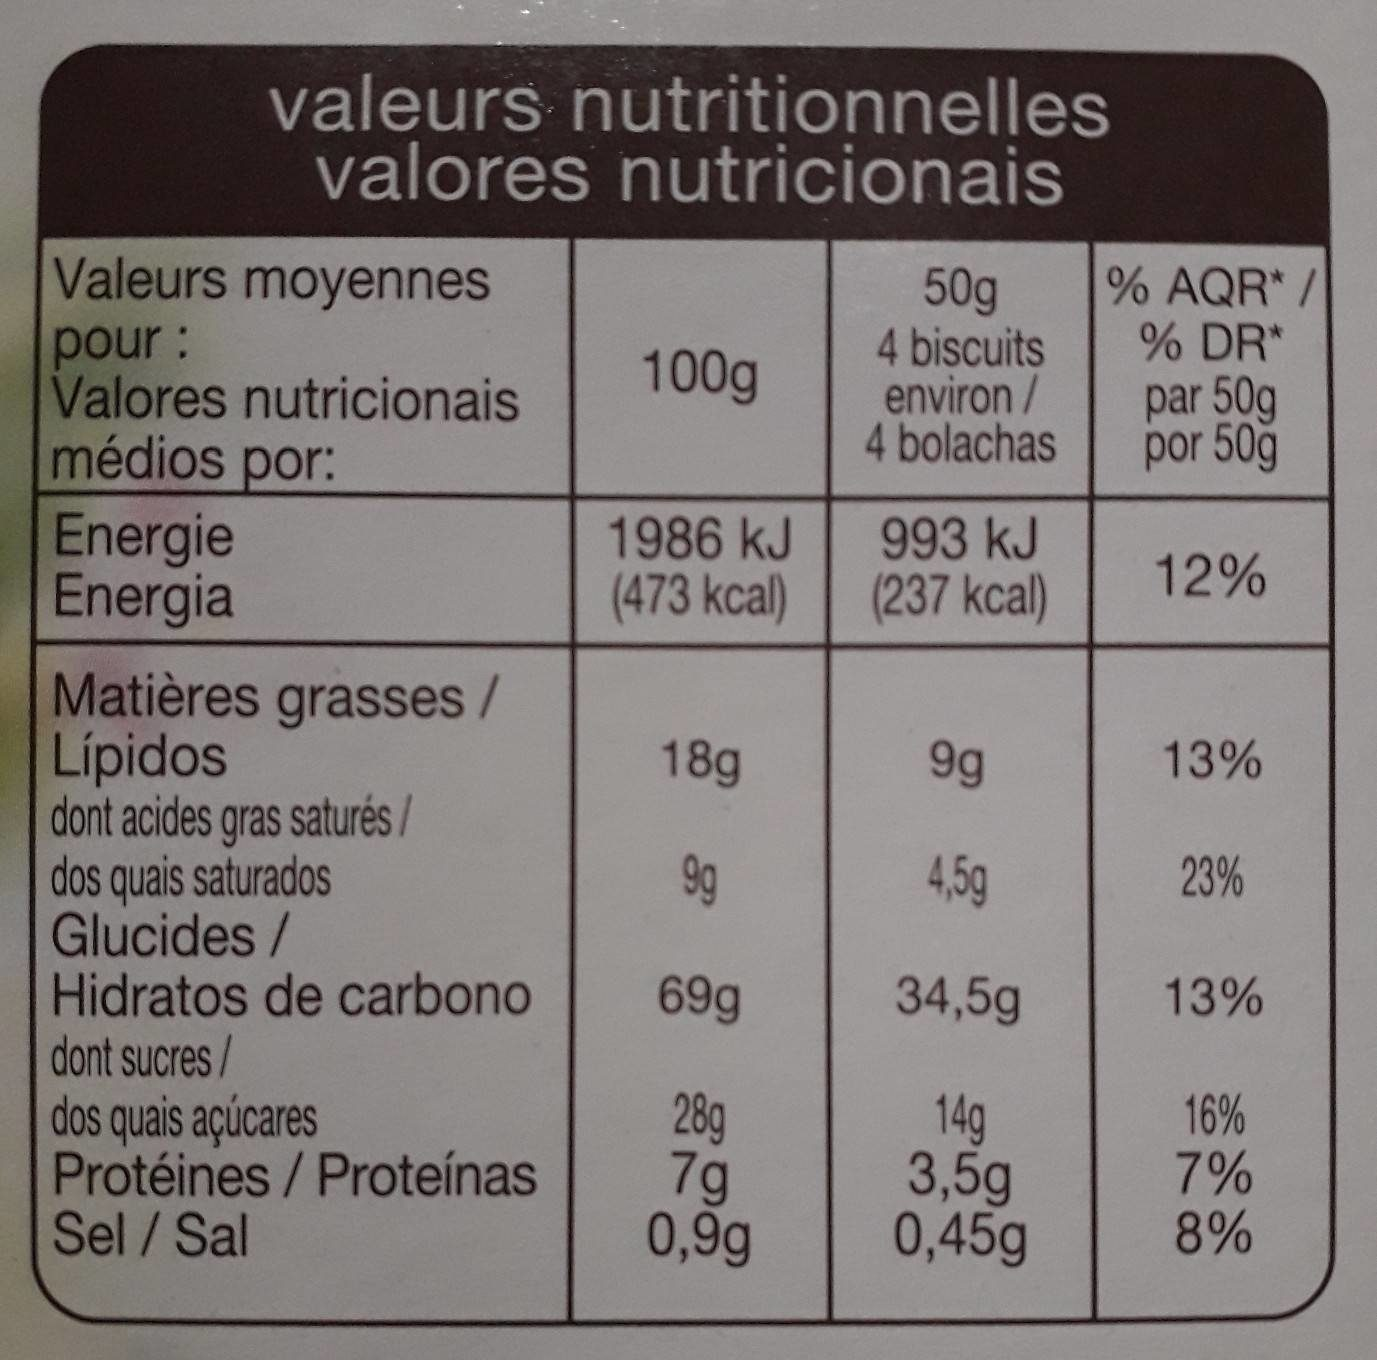 Matin Vitalité Lait - Pépites de chocolat - Informations nutritionnelles - fr